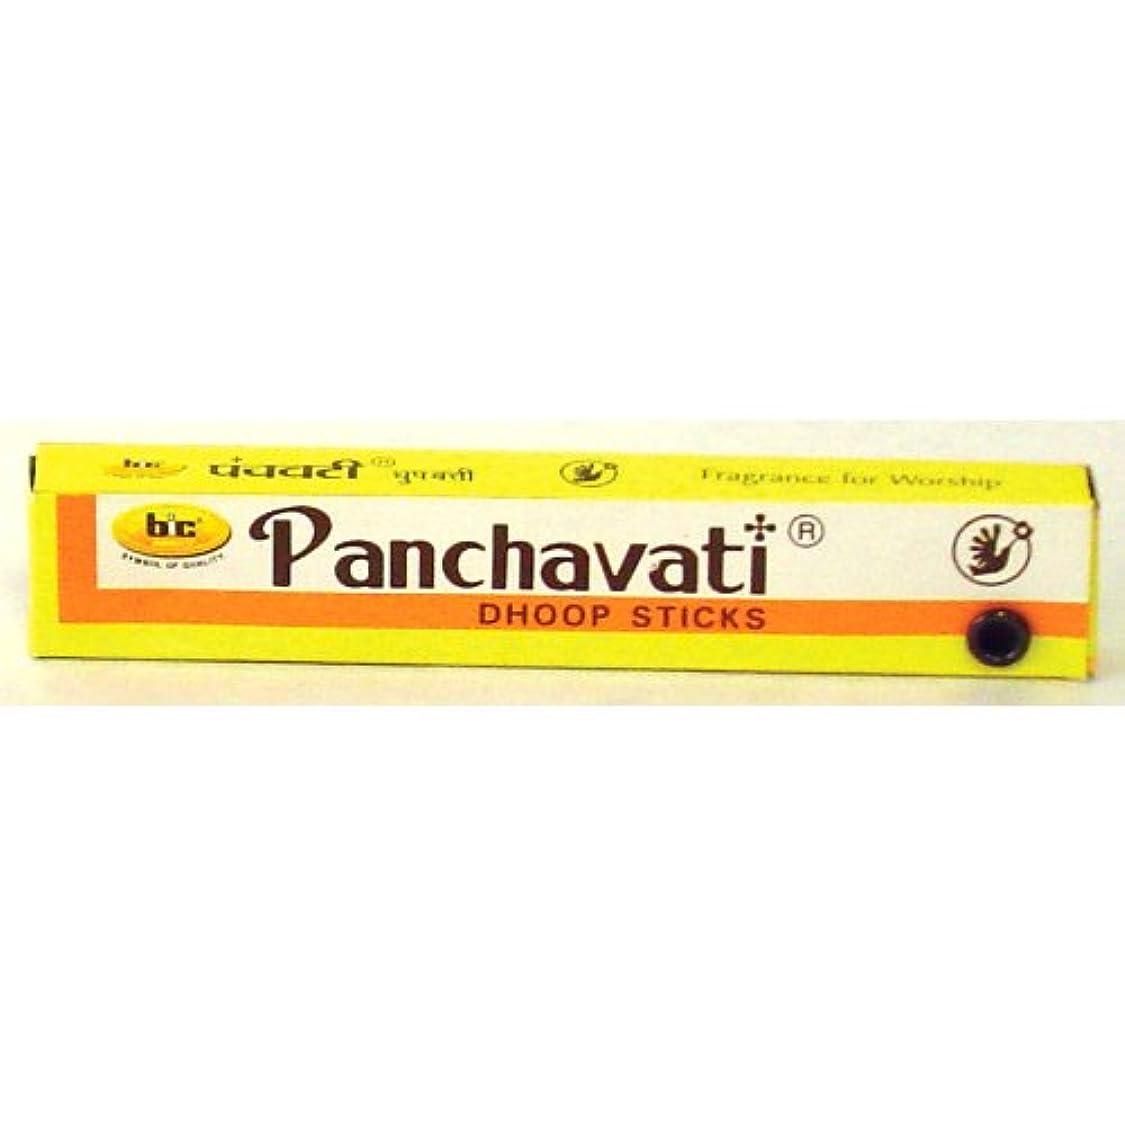 腰弱い副産物Panchavati Dhoop Sticks - One Dozen Boxes - 5 King Size by Incense